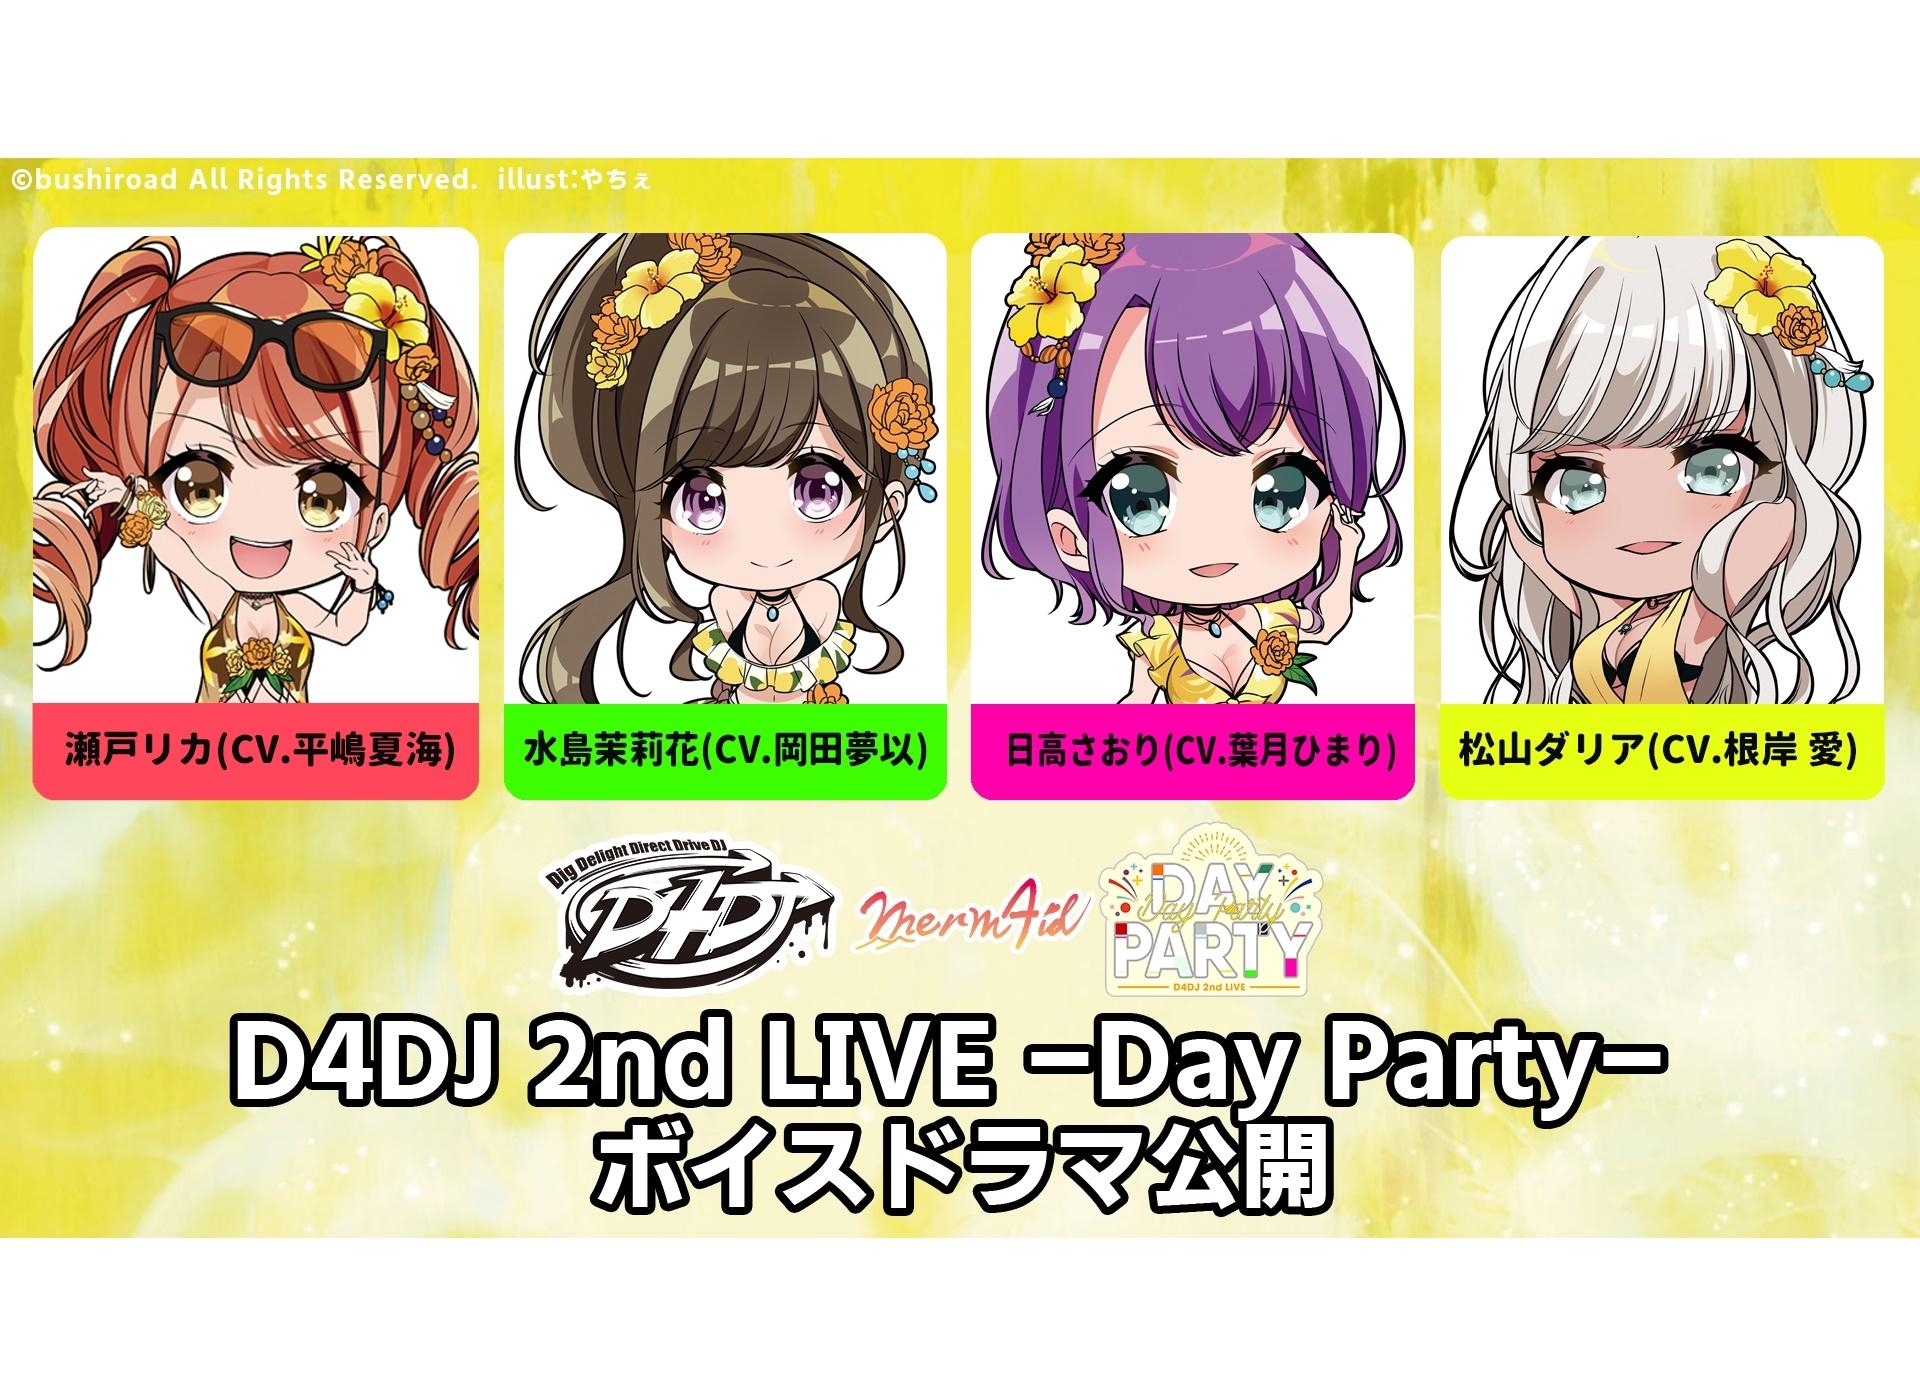 「D4DJ 2nd LIVE Merm4id ミニボイスドラマ」公開